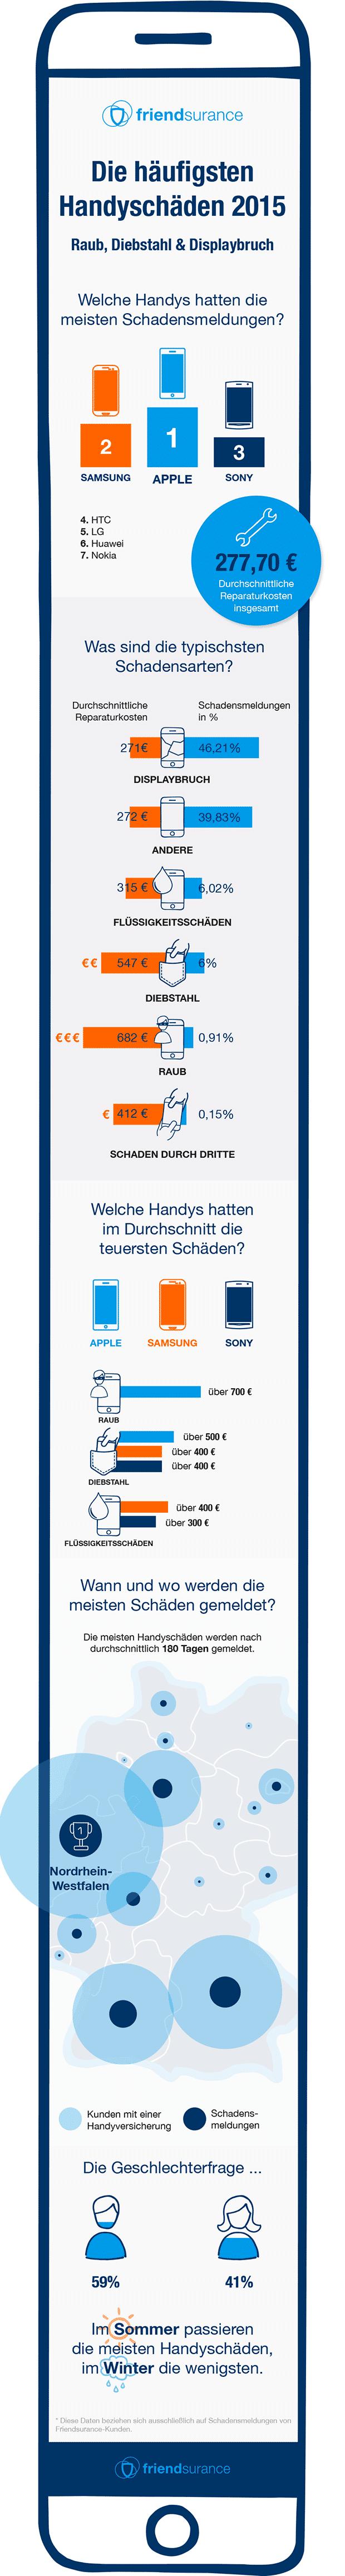 Handyversicherung Infografik Friendsurance